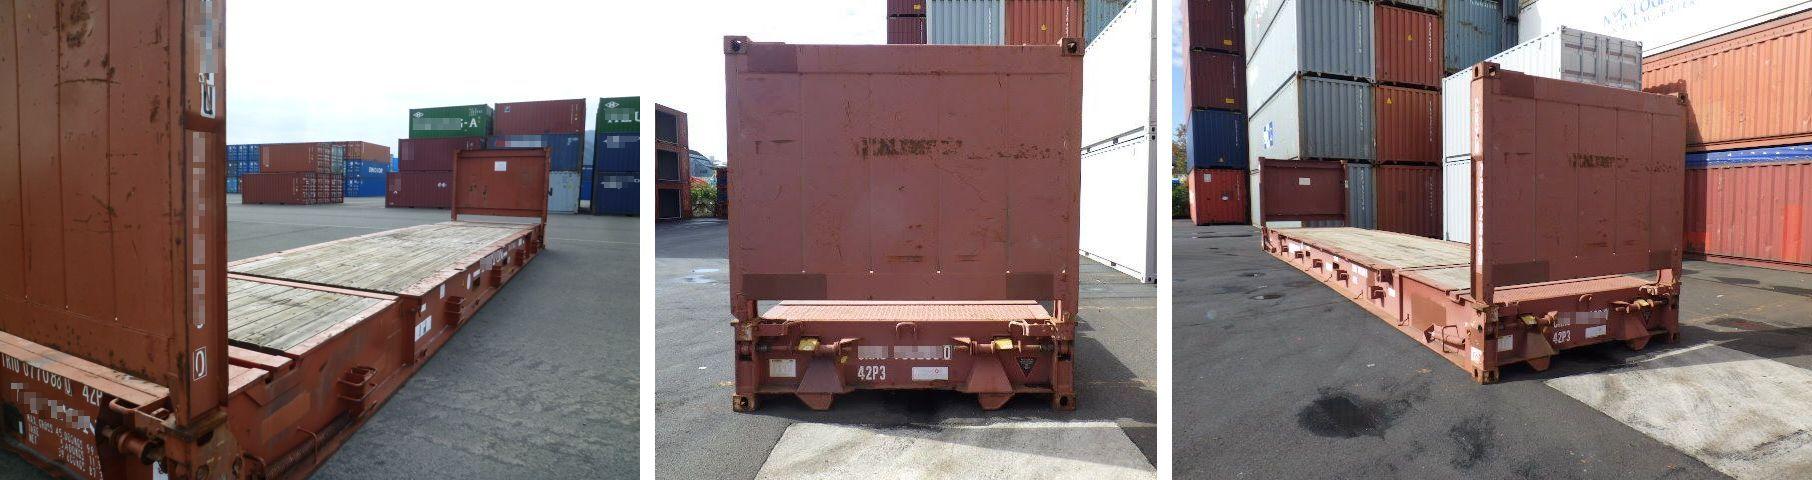 DAX コンテナ販売 購入サポート 中古 海上ISOドライコンテナ フラットラック